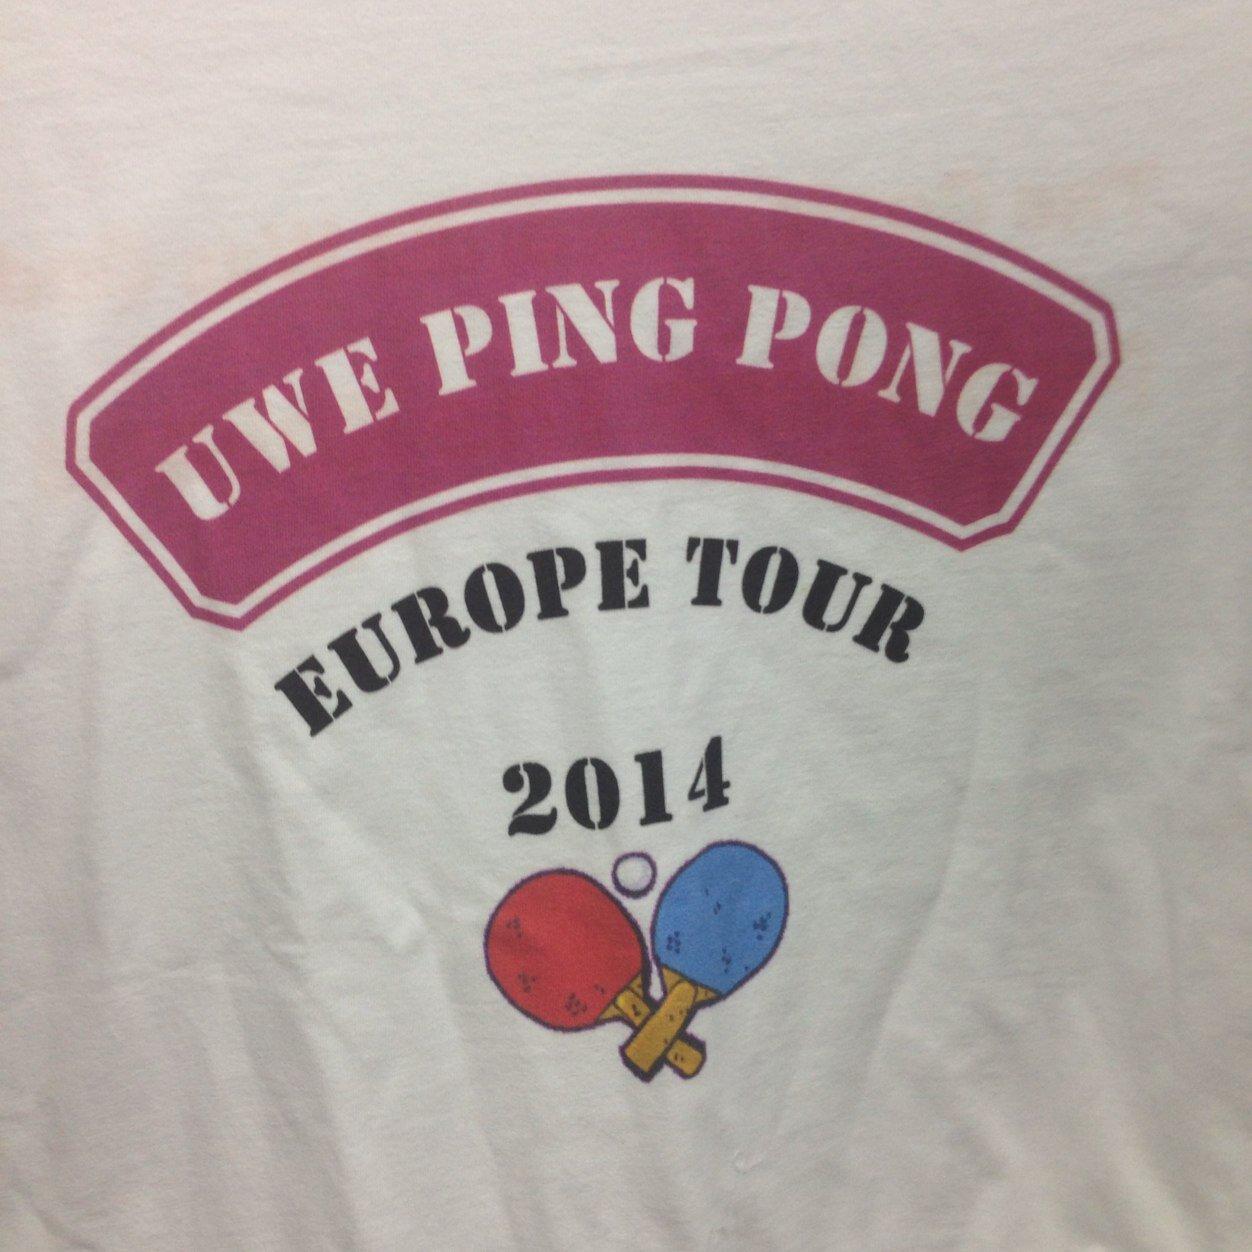 @UWEpingpong